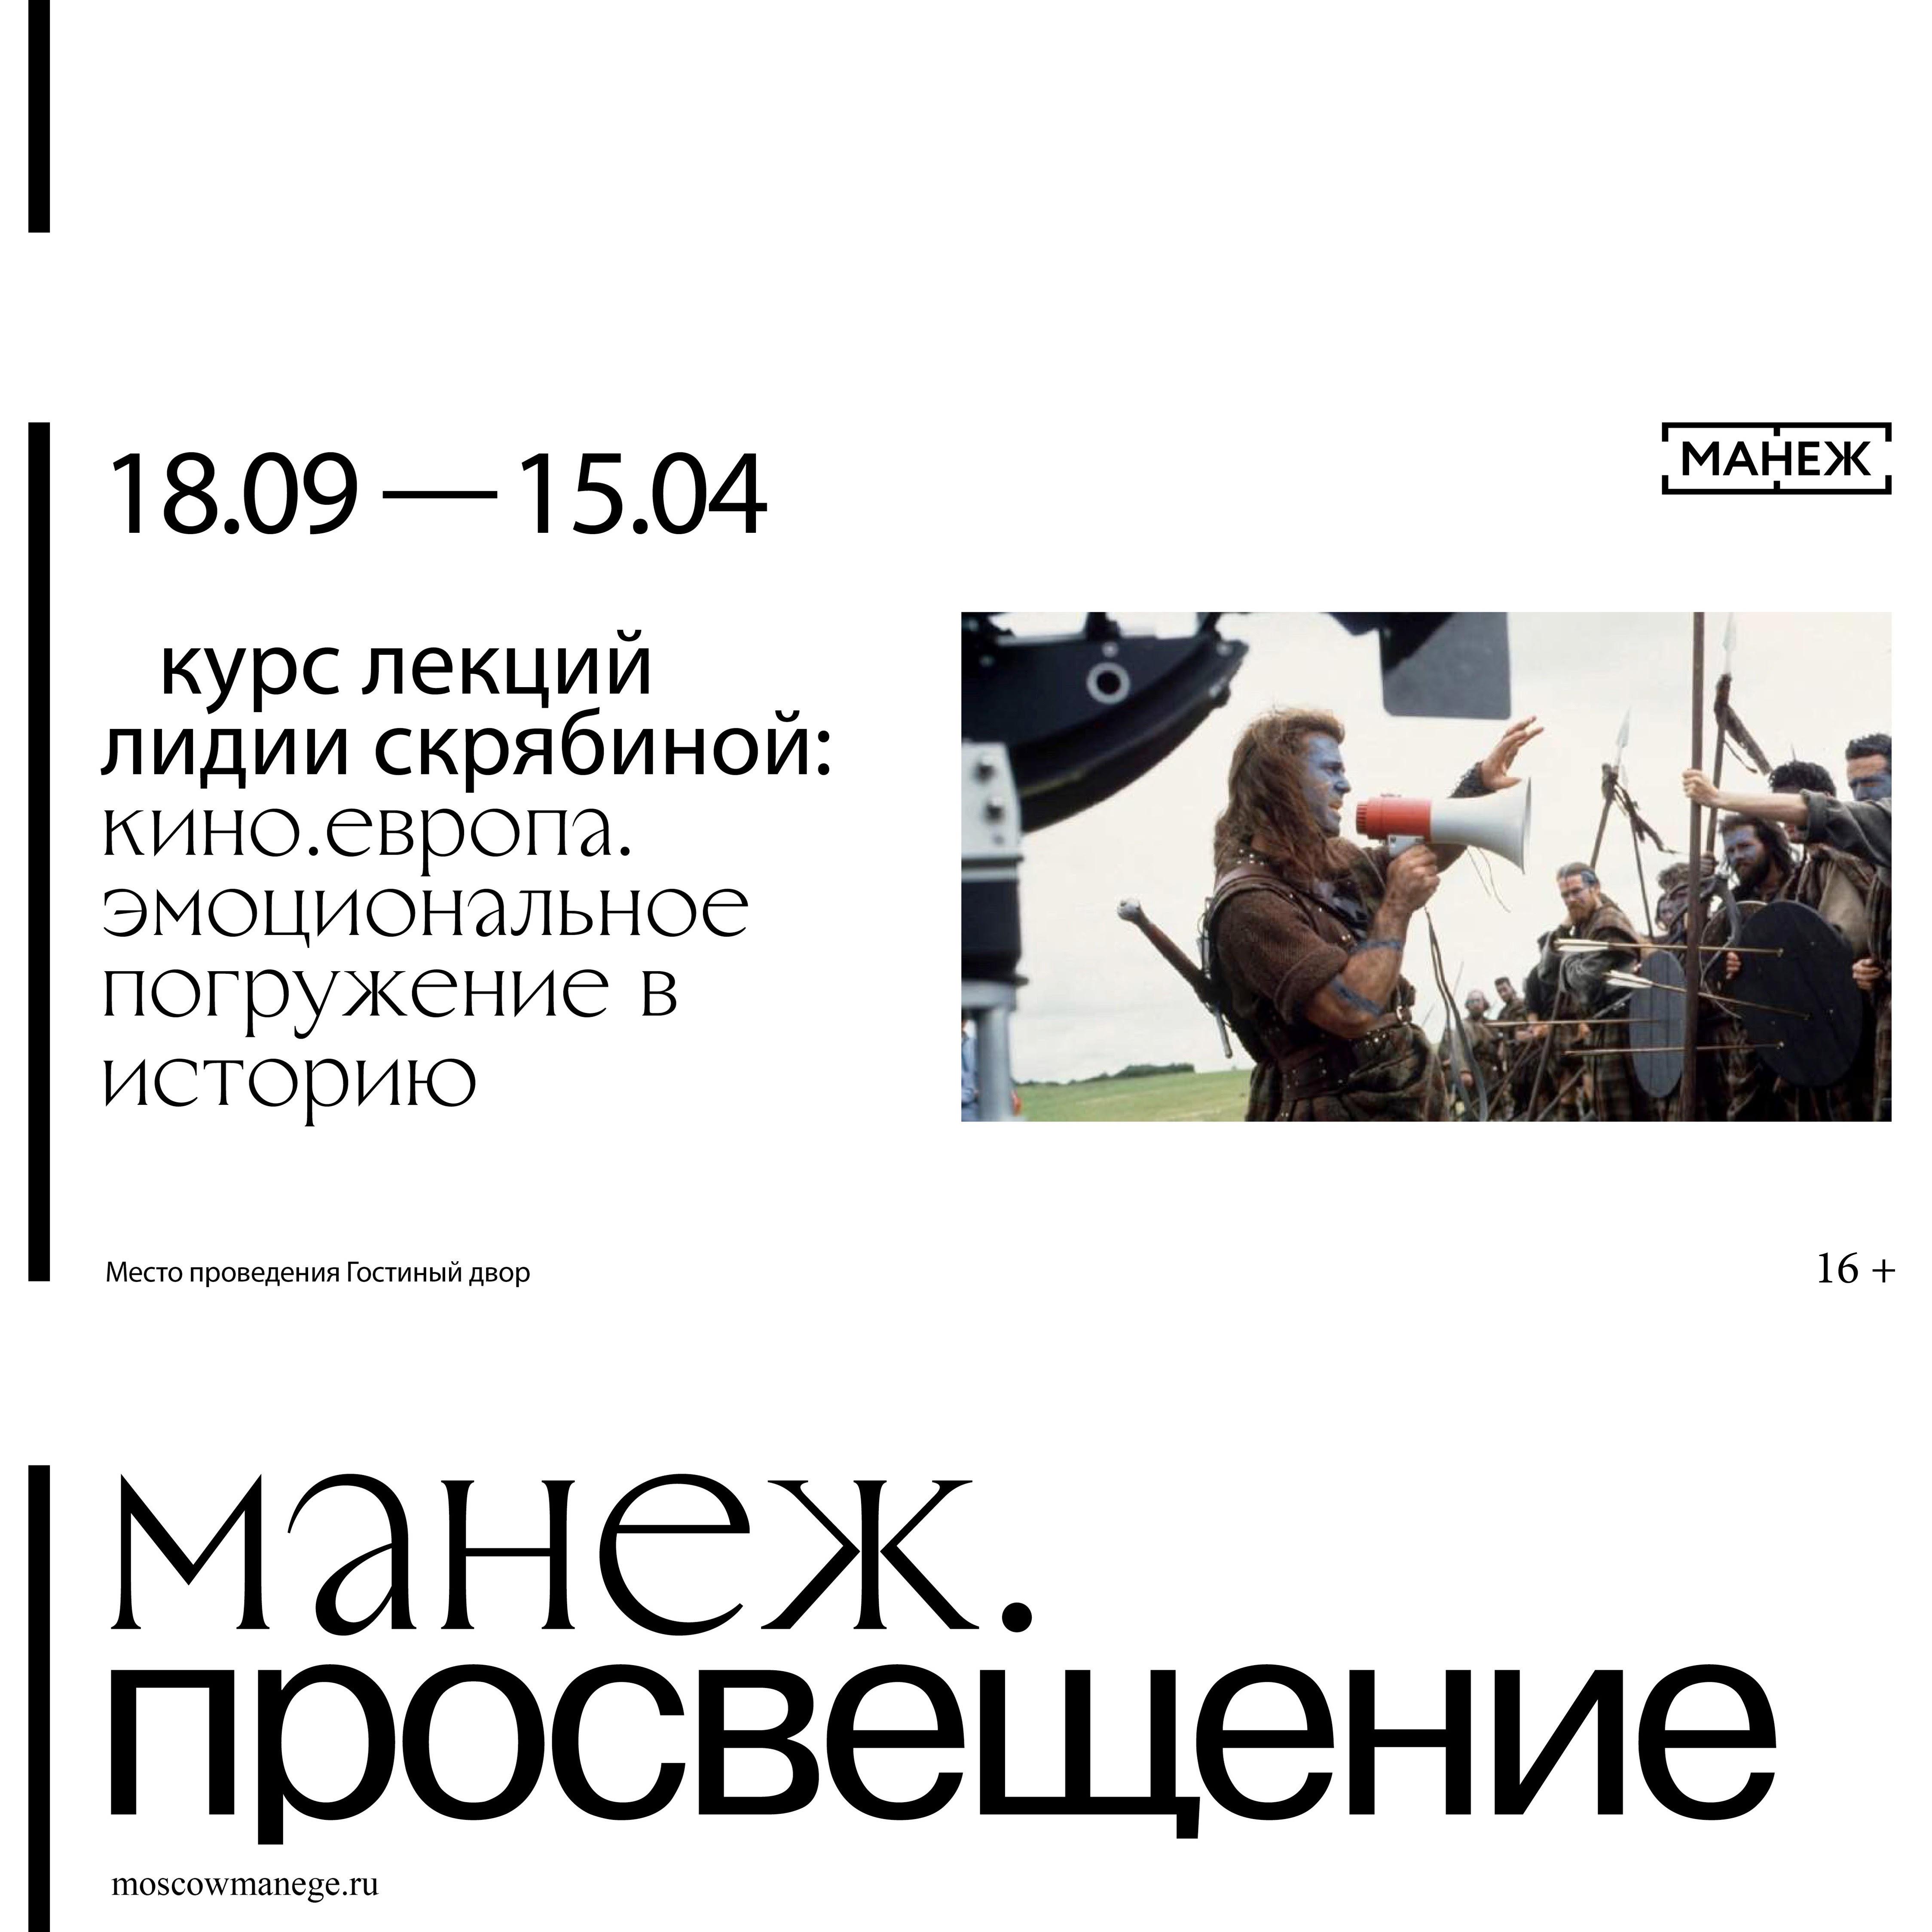 Курс лекций «Кино. Европа. Эмоциональное погружение в историю»